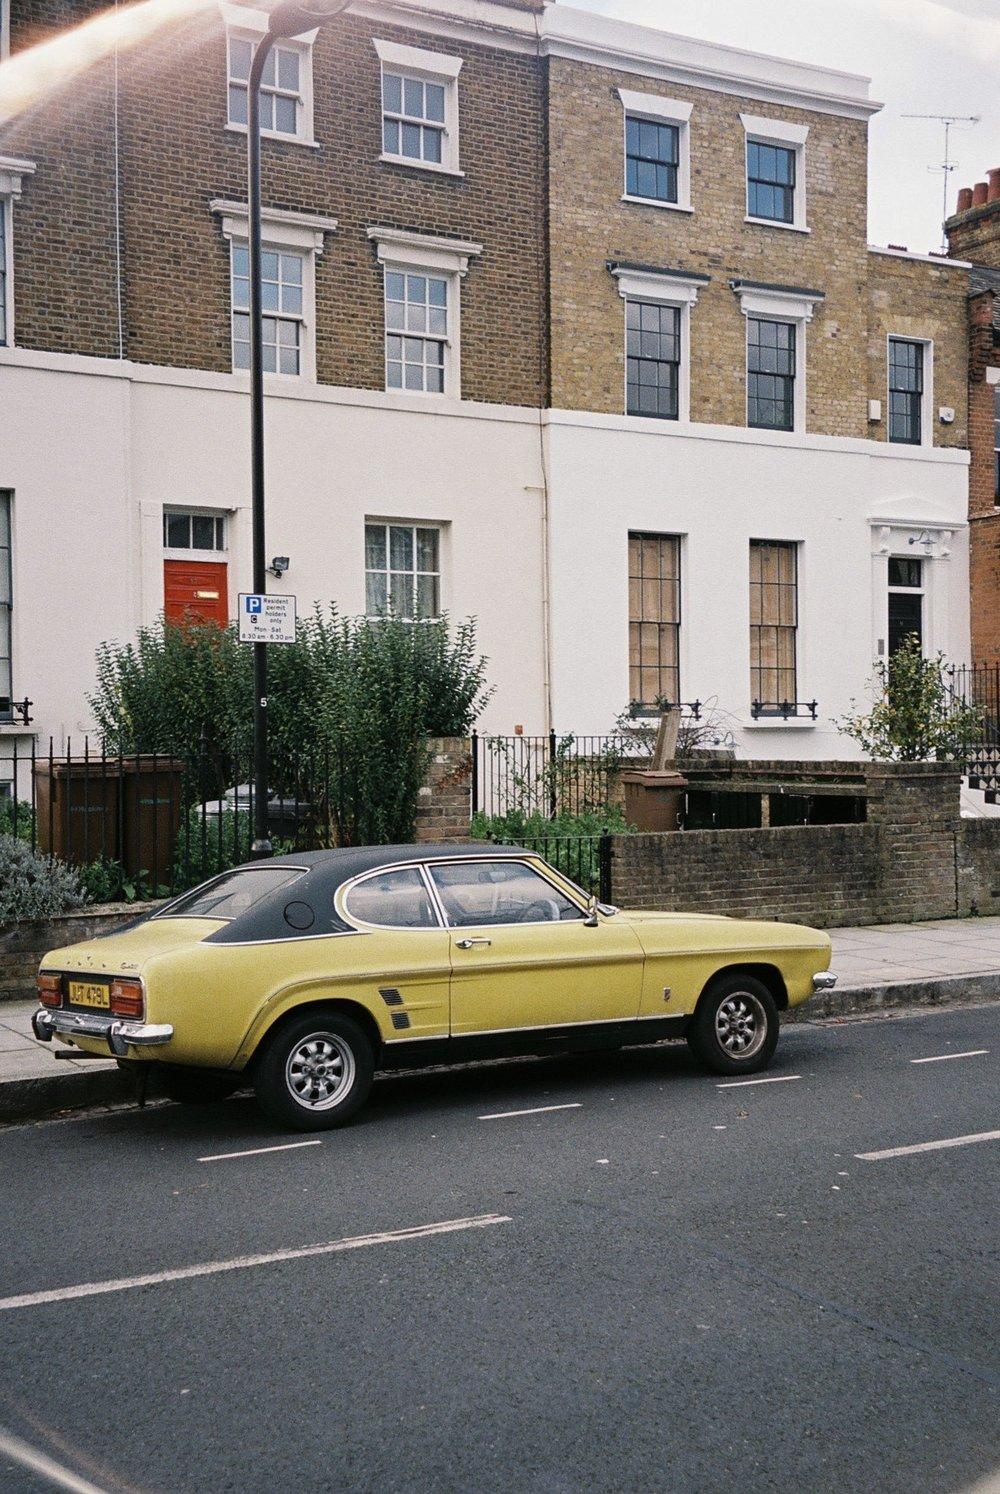 Yap, another a vintage car, this one I spotted in Hackney. /  Yap, mais um carro vintage, desta vem em Hackney.